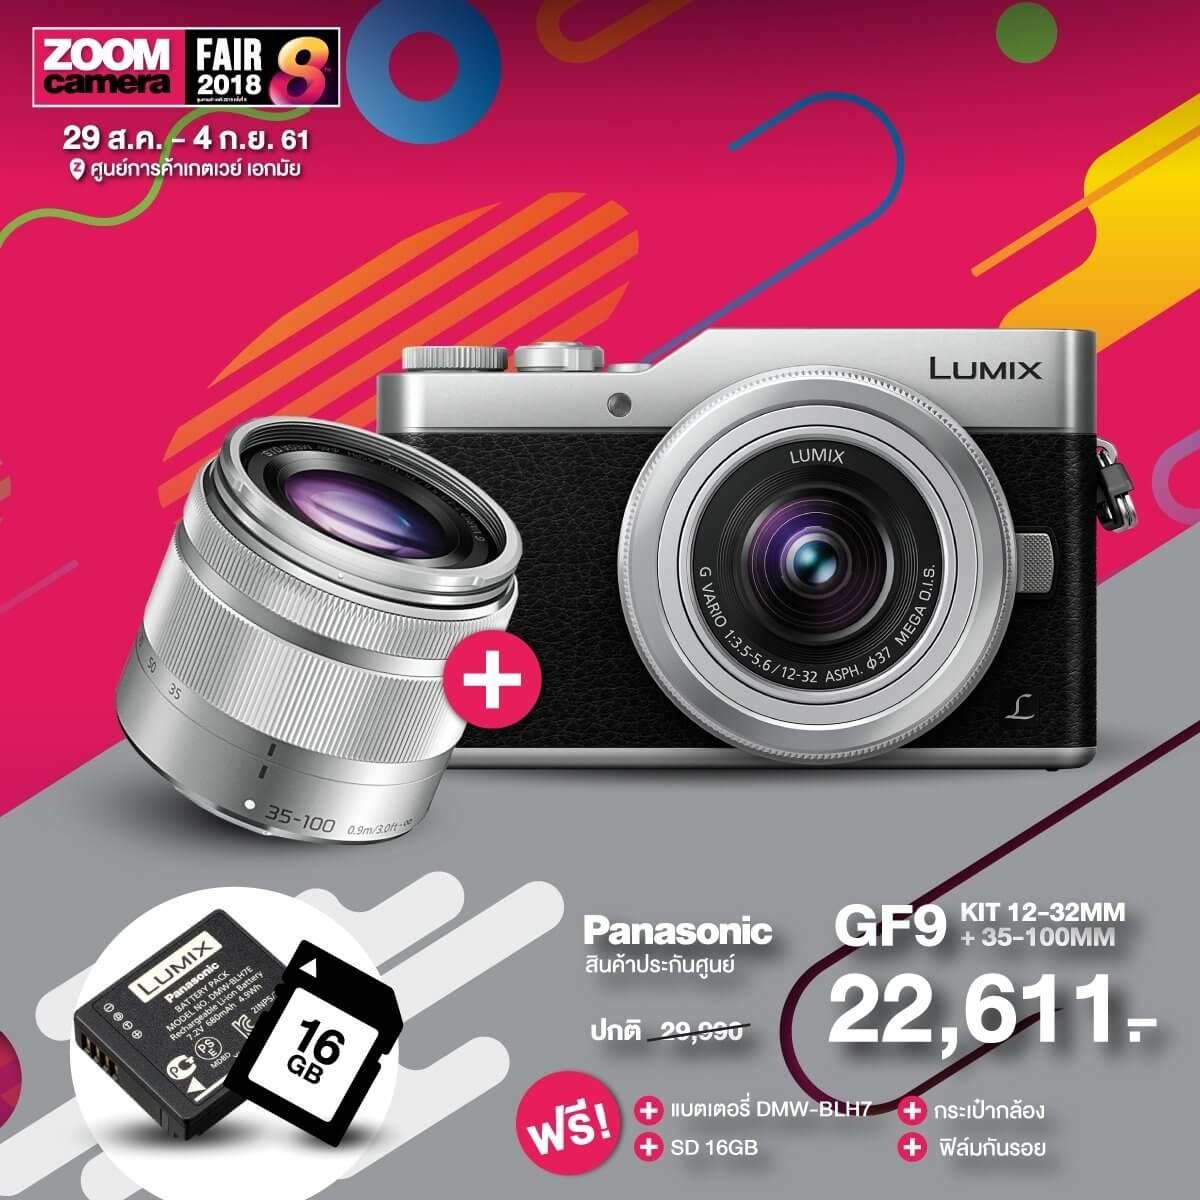 panasonic lumix gf9 kit1232 kit35100 promotion